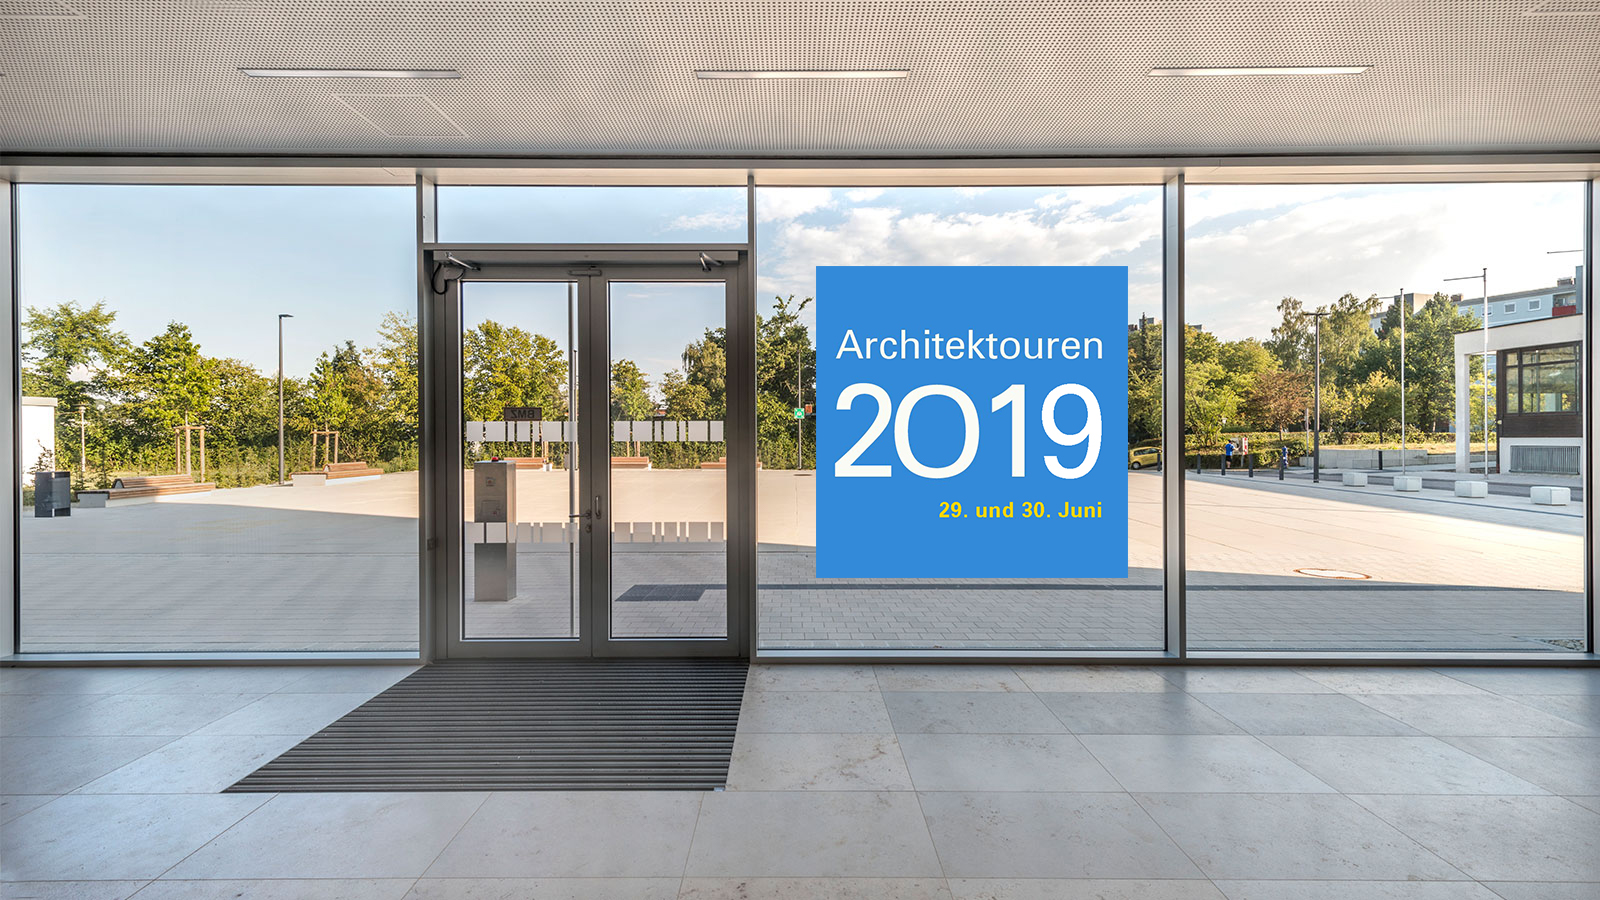 h2m-architekten-architektouren-2019